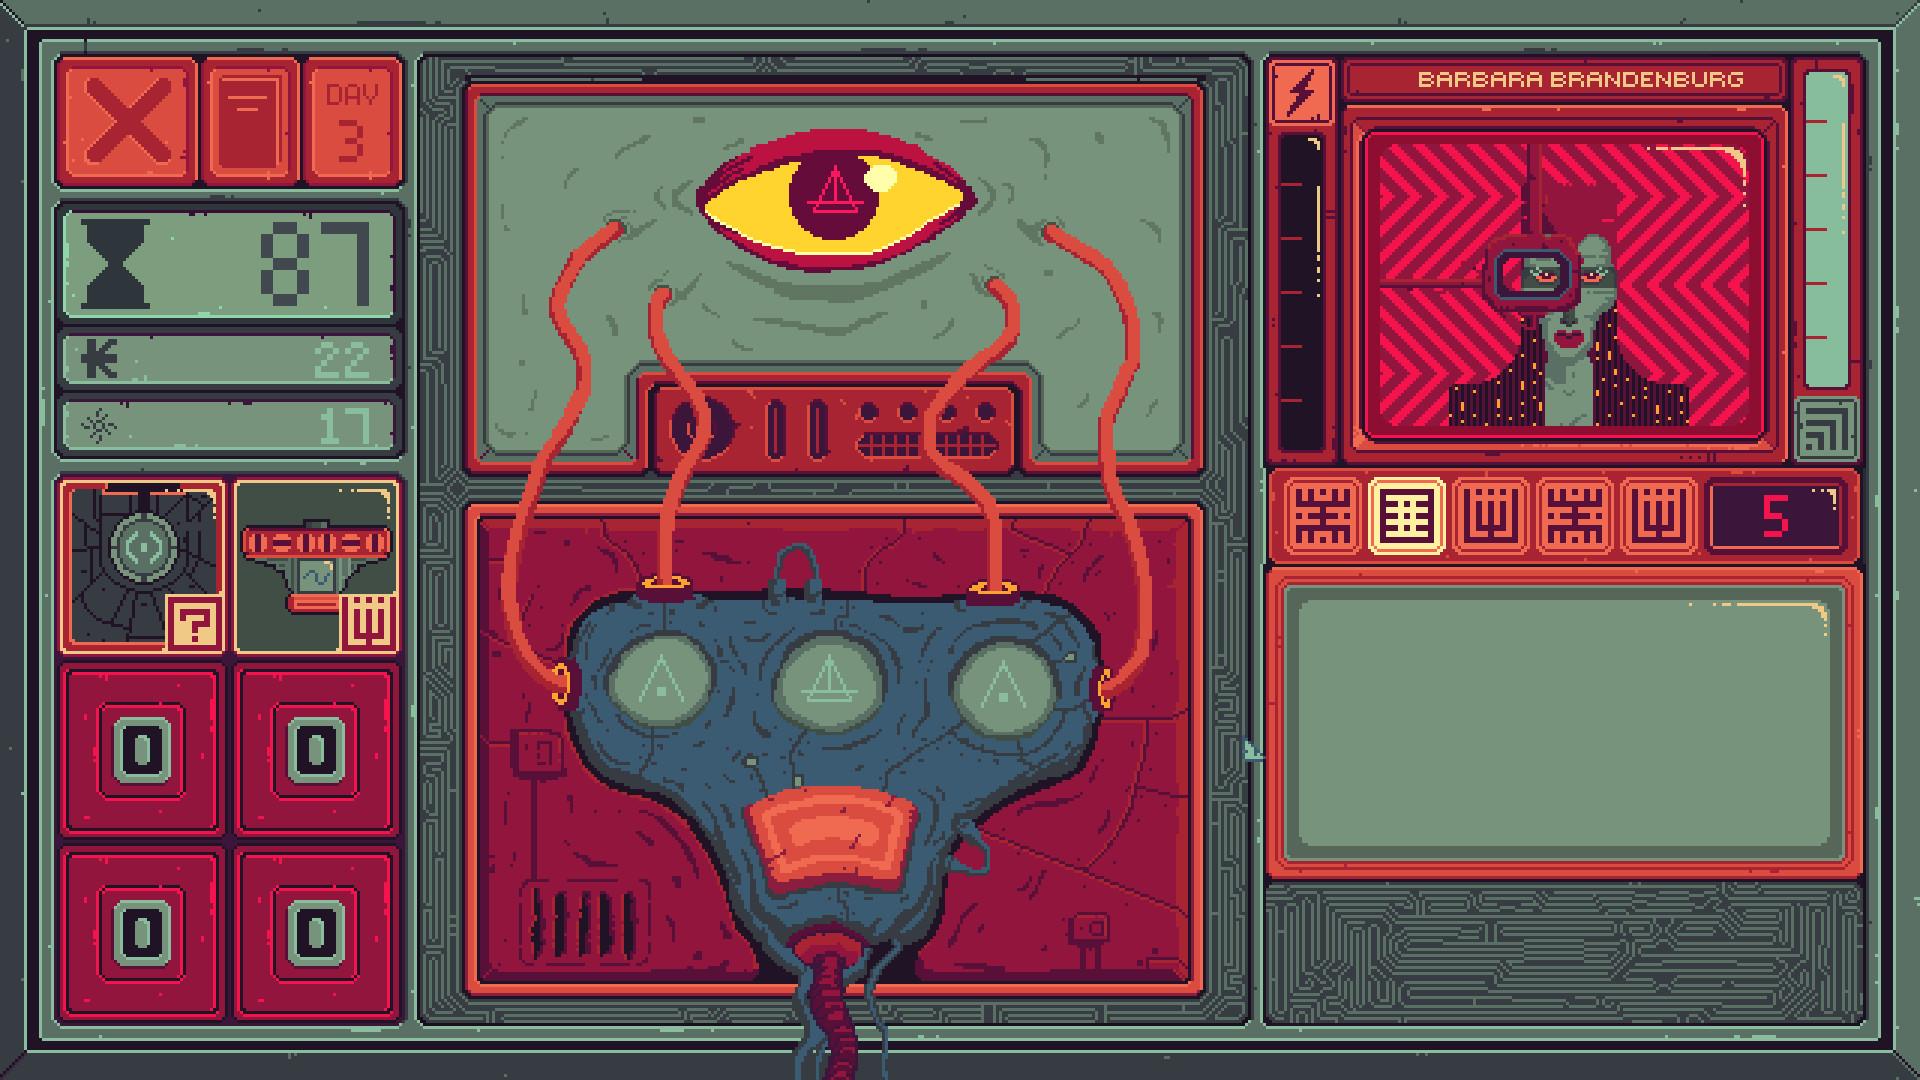 一款反乌托邦题材的意识流游戏